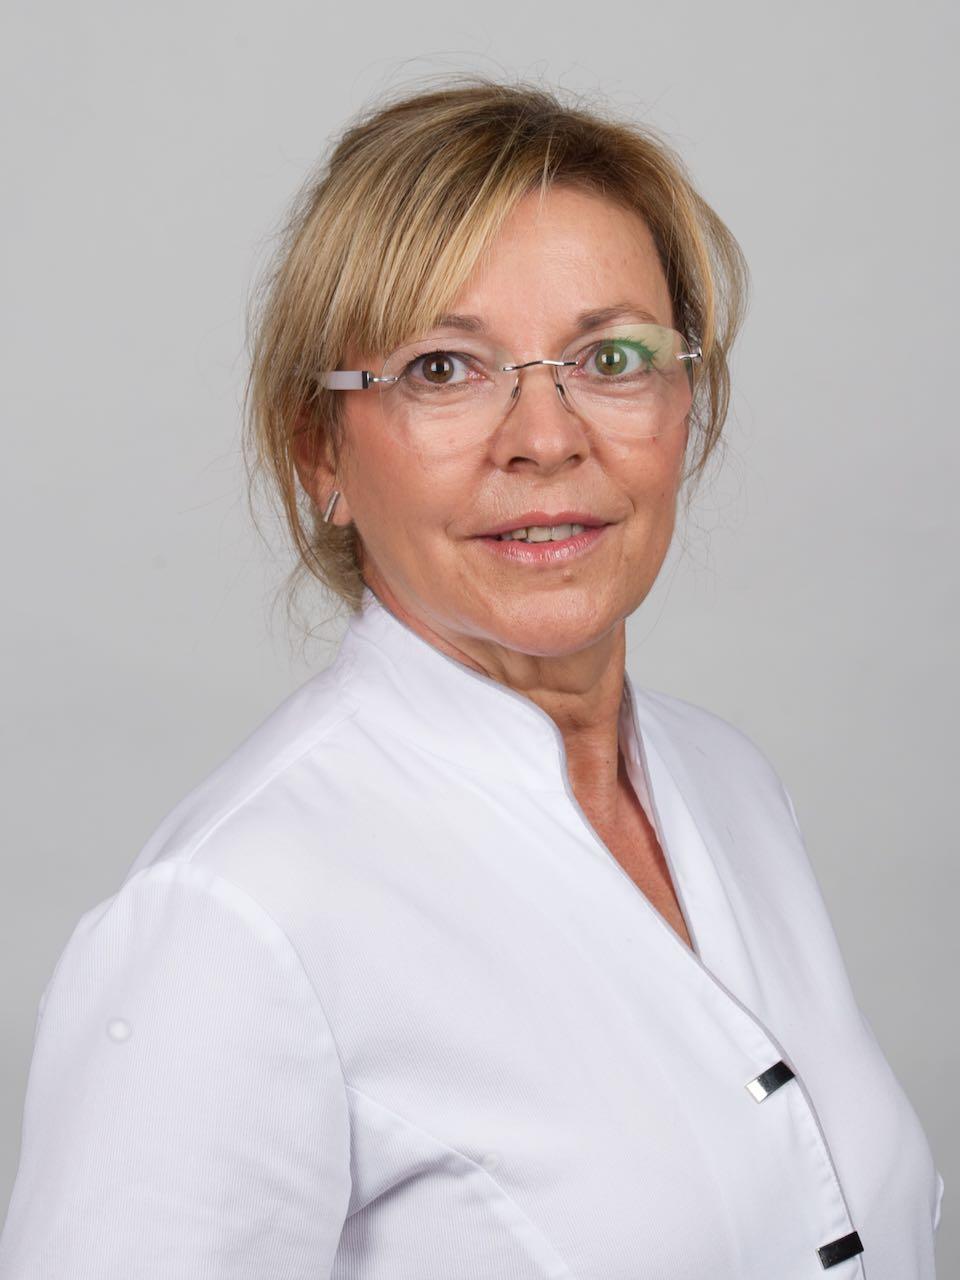 Sra. Sunsi Sala Ribes